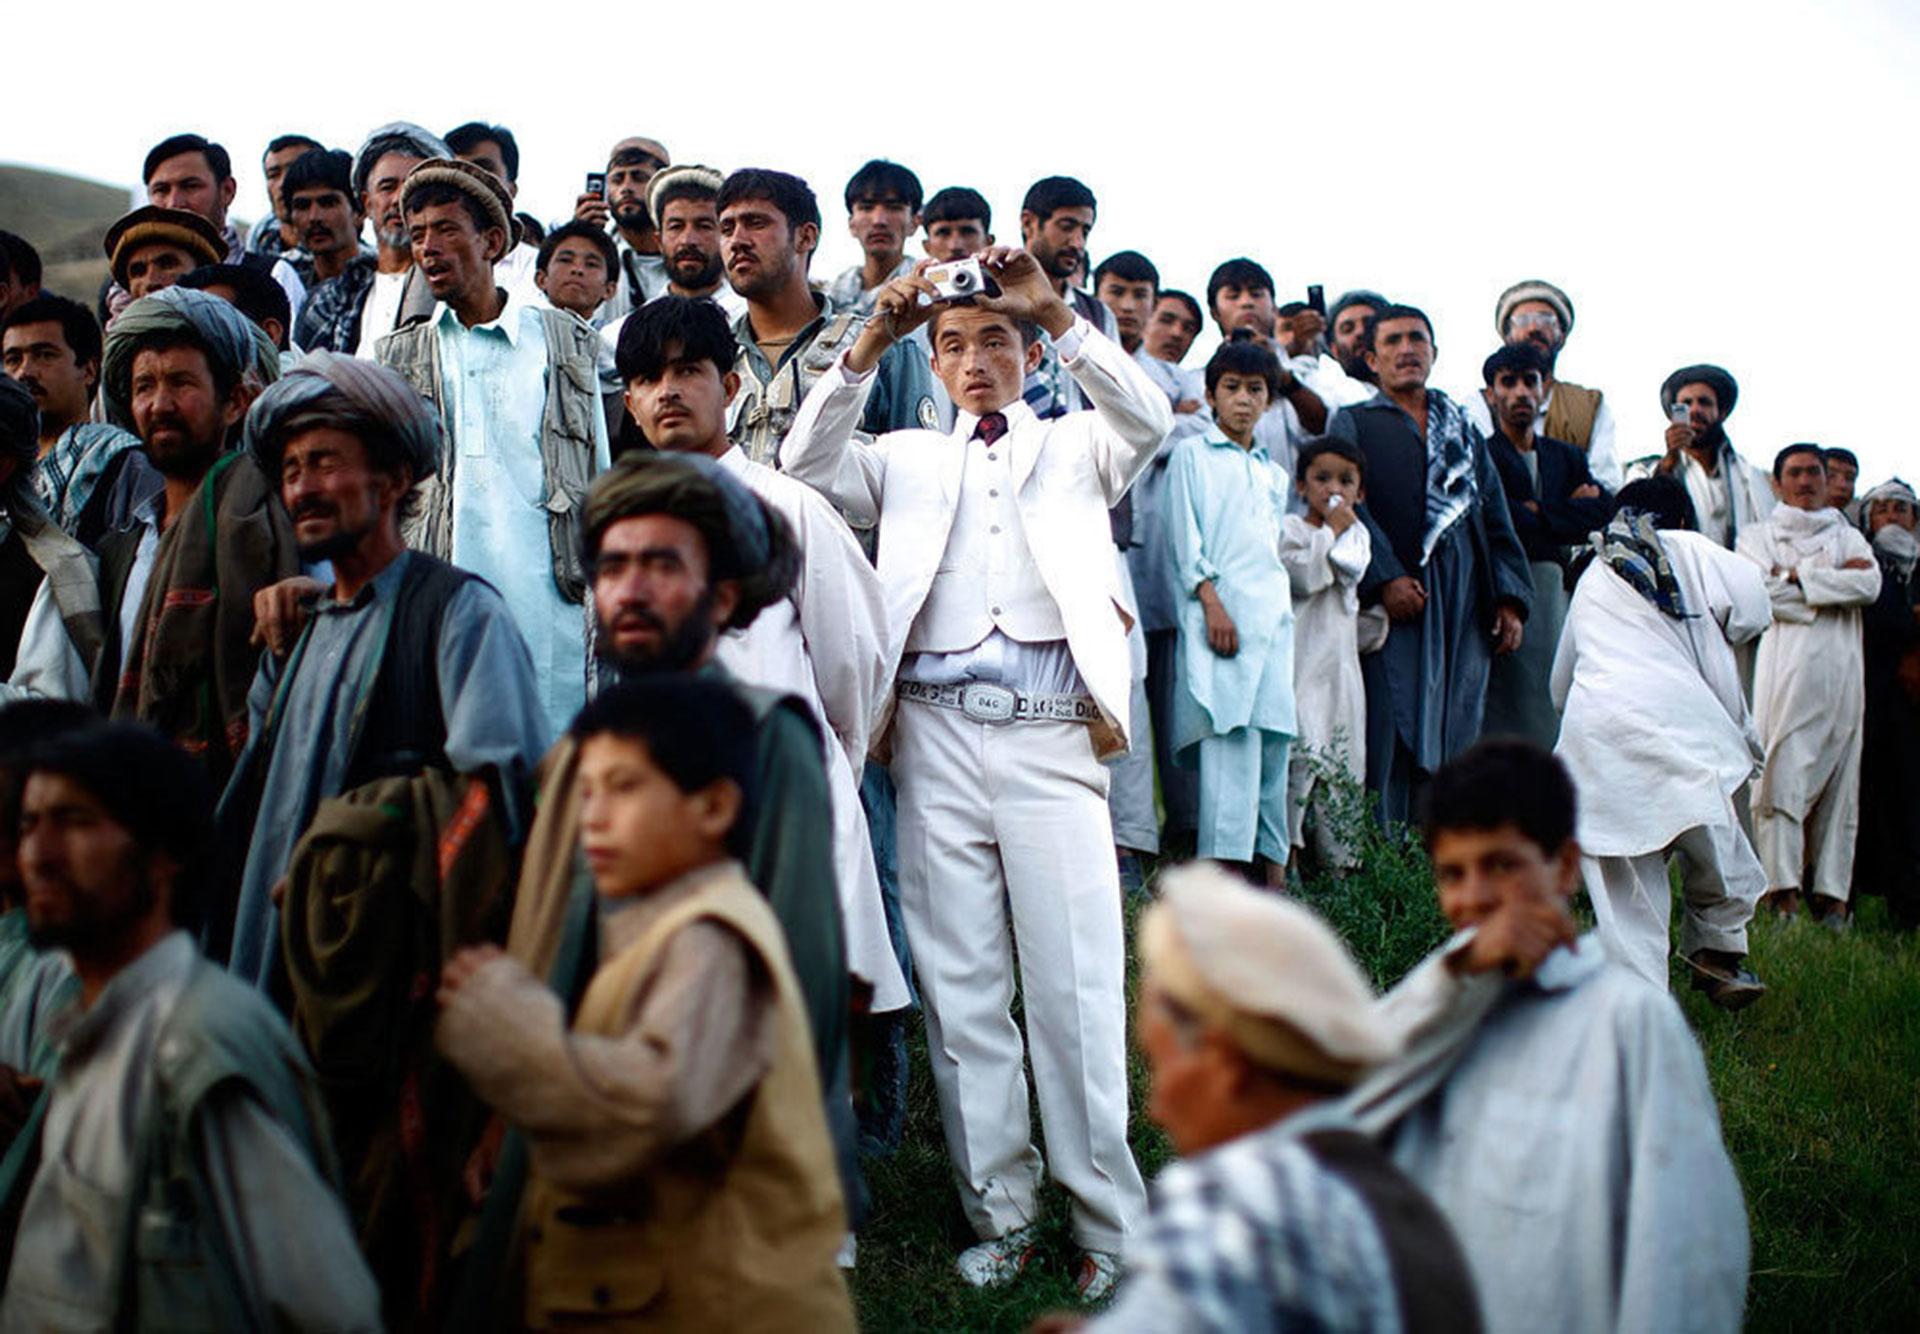 Campaña electoral en Afganistán. Cientos de personas se reúnen para escuchar un acto político del presidente Hamid Karzai (2009)